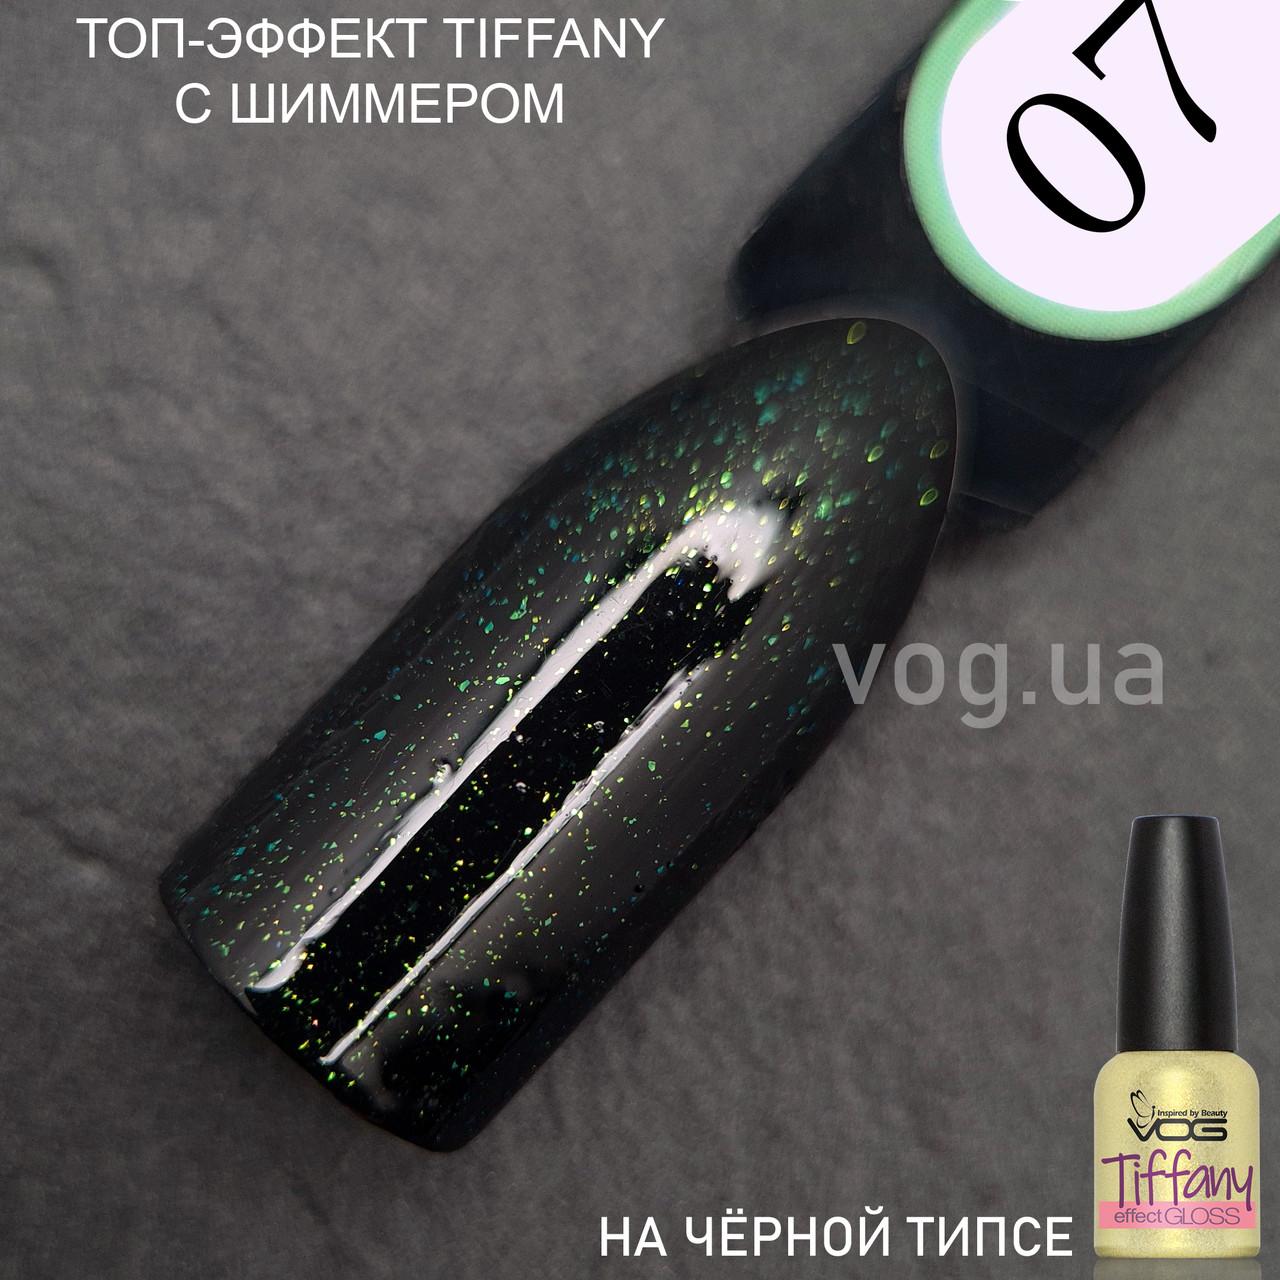 Топ Ефект Глянсовий Прозорий Без Липкого Шару з шиммером Tiffany #07 VOG США 10мл